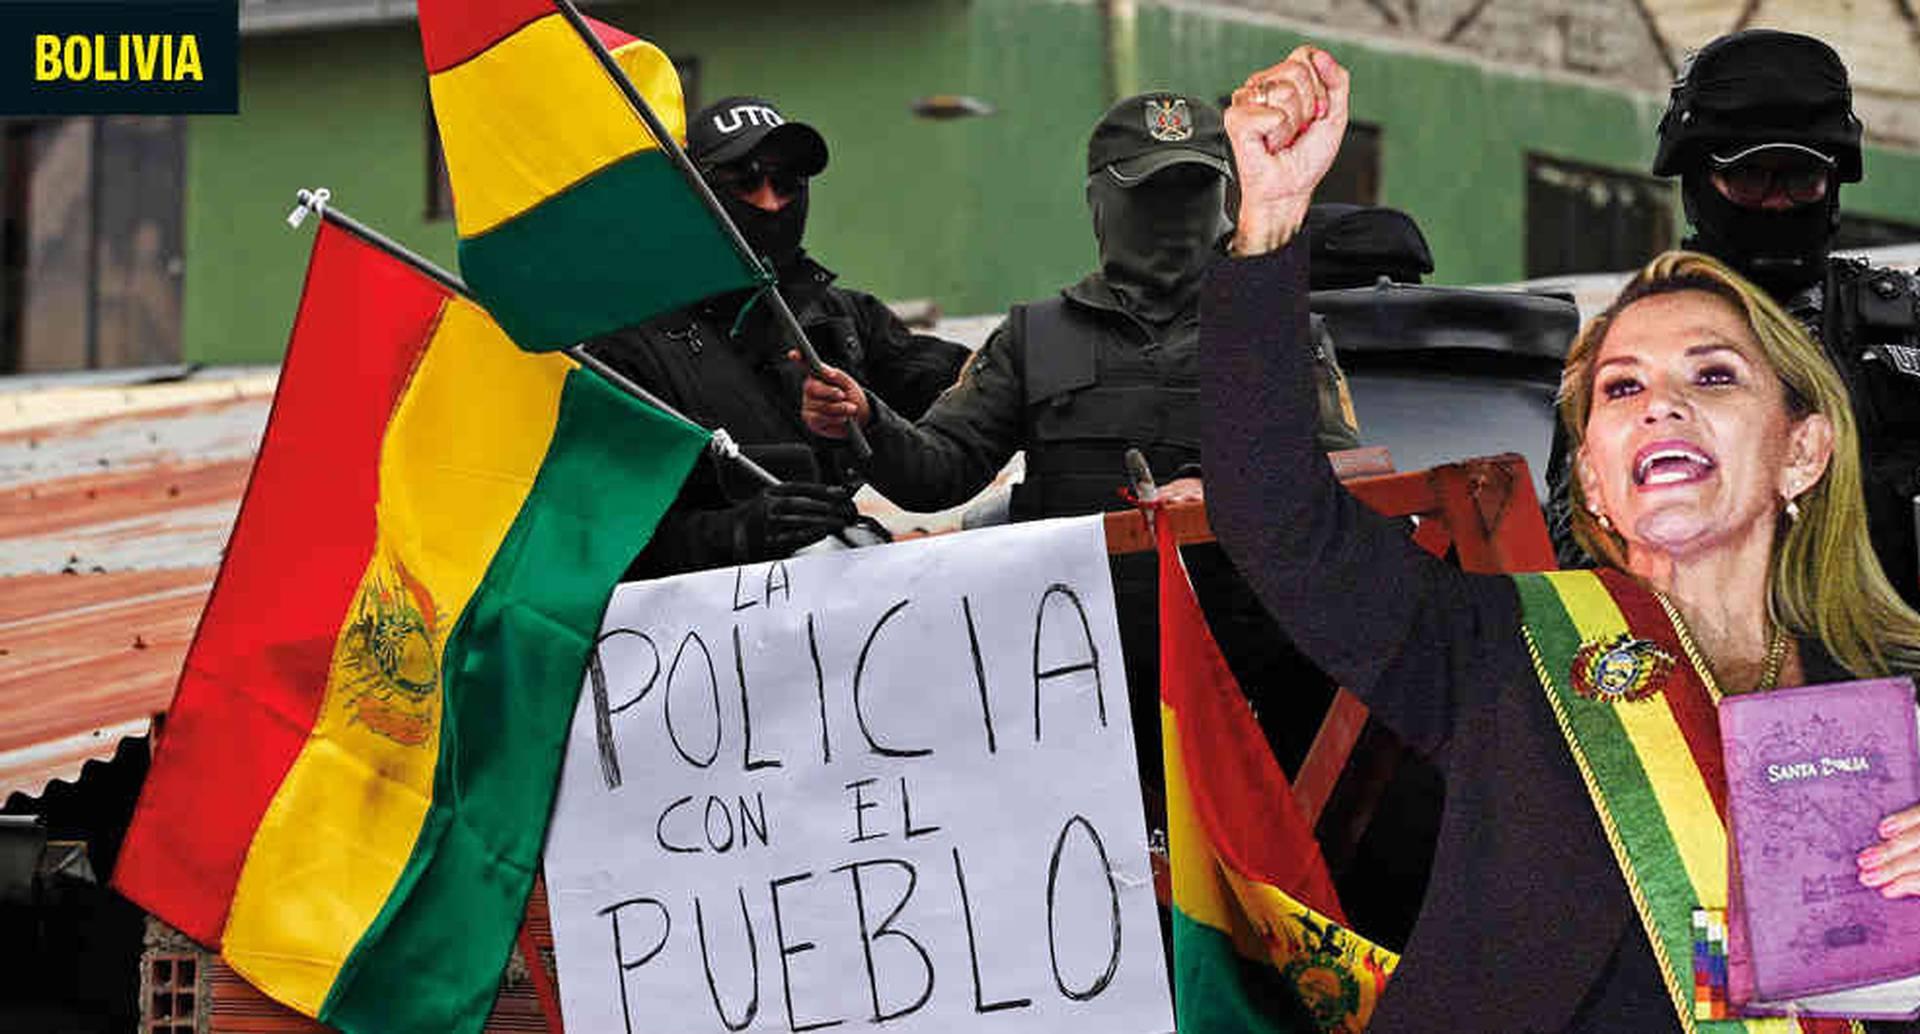 La conservadora Jeanine Áñez se posesionó como presidenta interina de Bolivia, después de que los militares le 'sugirieron' a Evo Morales renunciar ante las masivas protestas contra su cuarta reelección. Evo voló a México, en donde su homólogo le dio asilo.